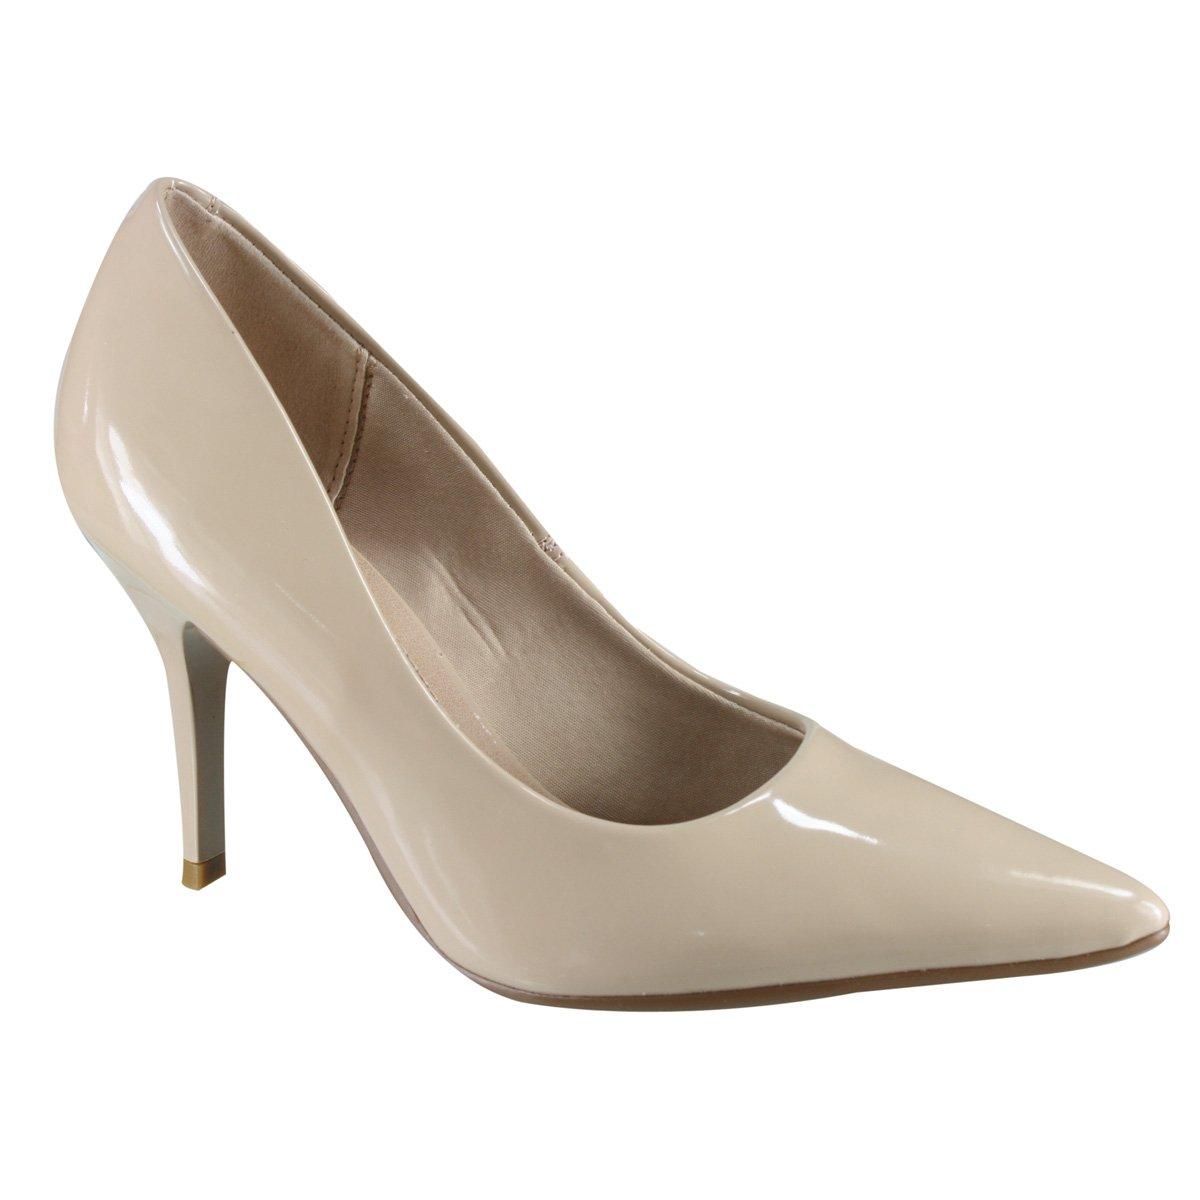 390a33b0e Passe o mouse na imagem para ampliar Ampliar imagem. Sapato Scarpin Beira  Rio Conforto ...